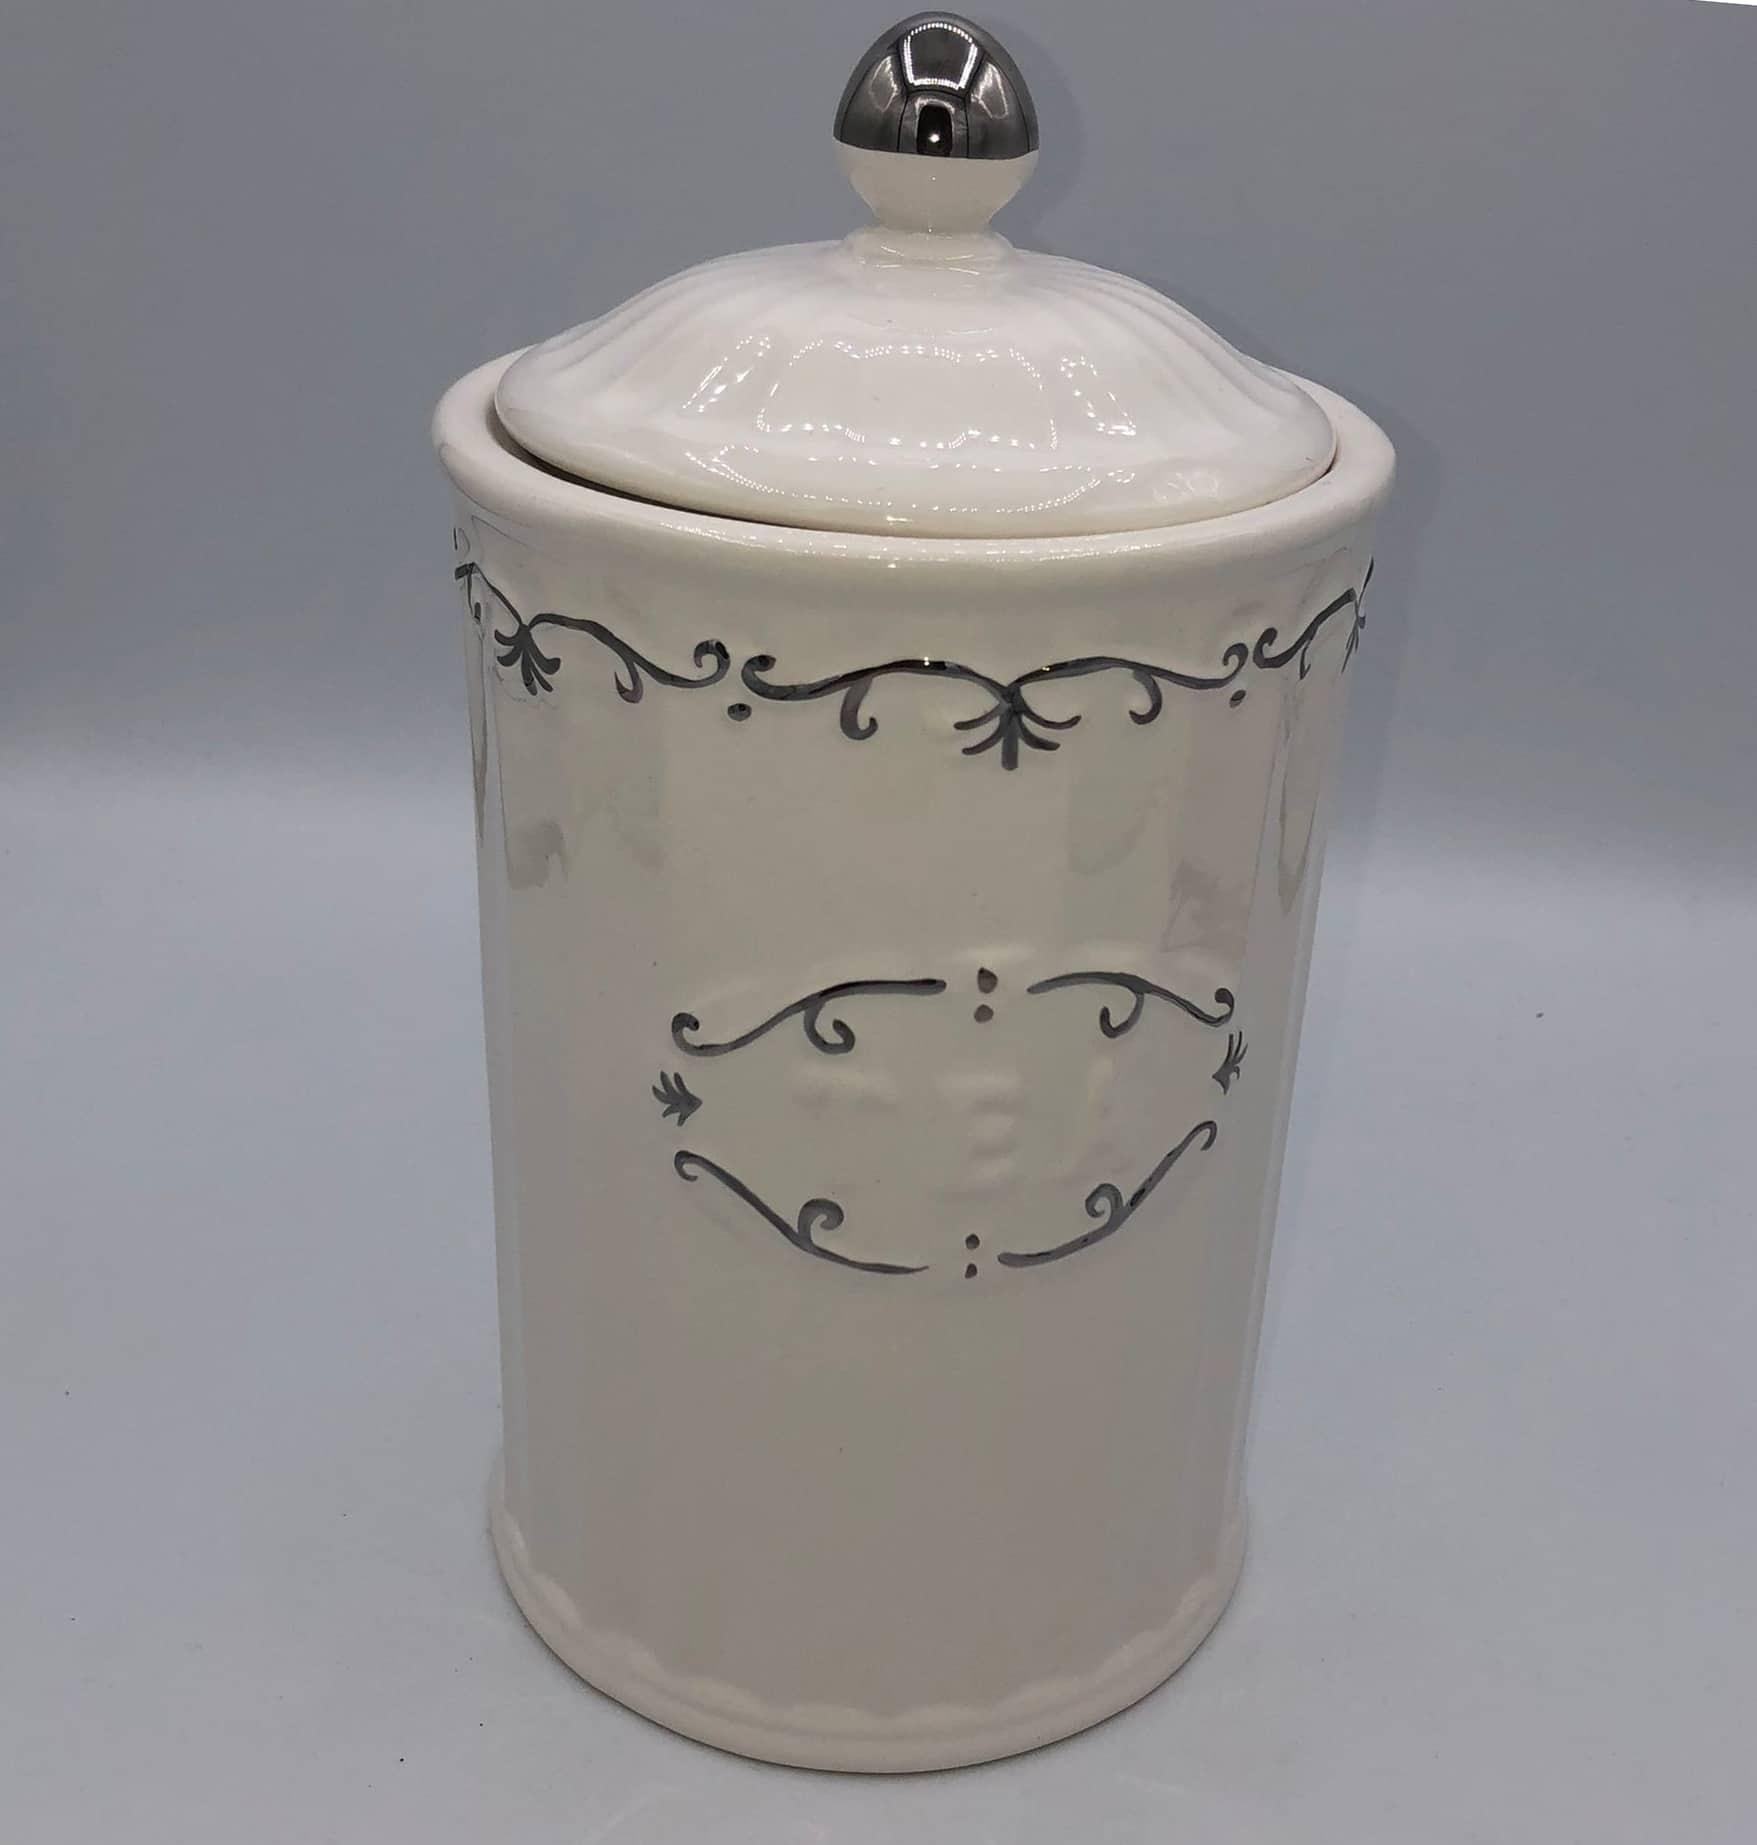 Bote o tarro de cerámica para té